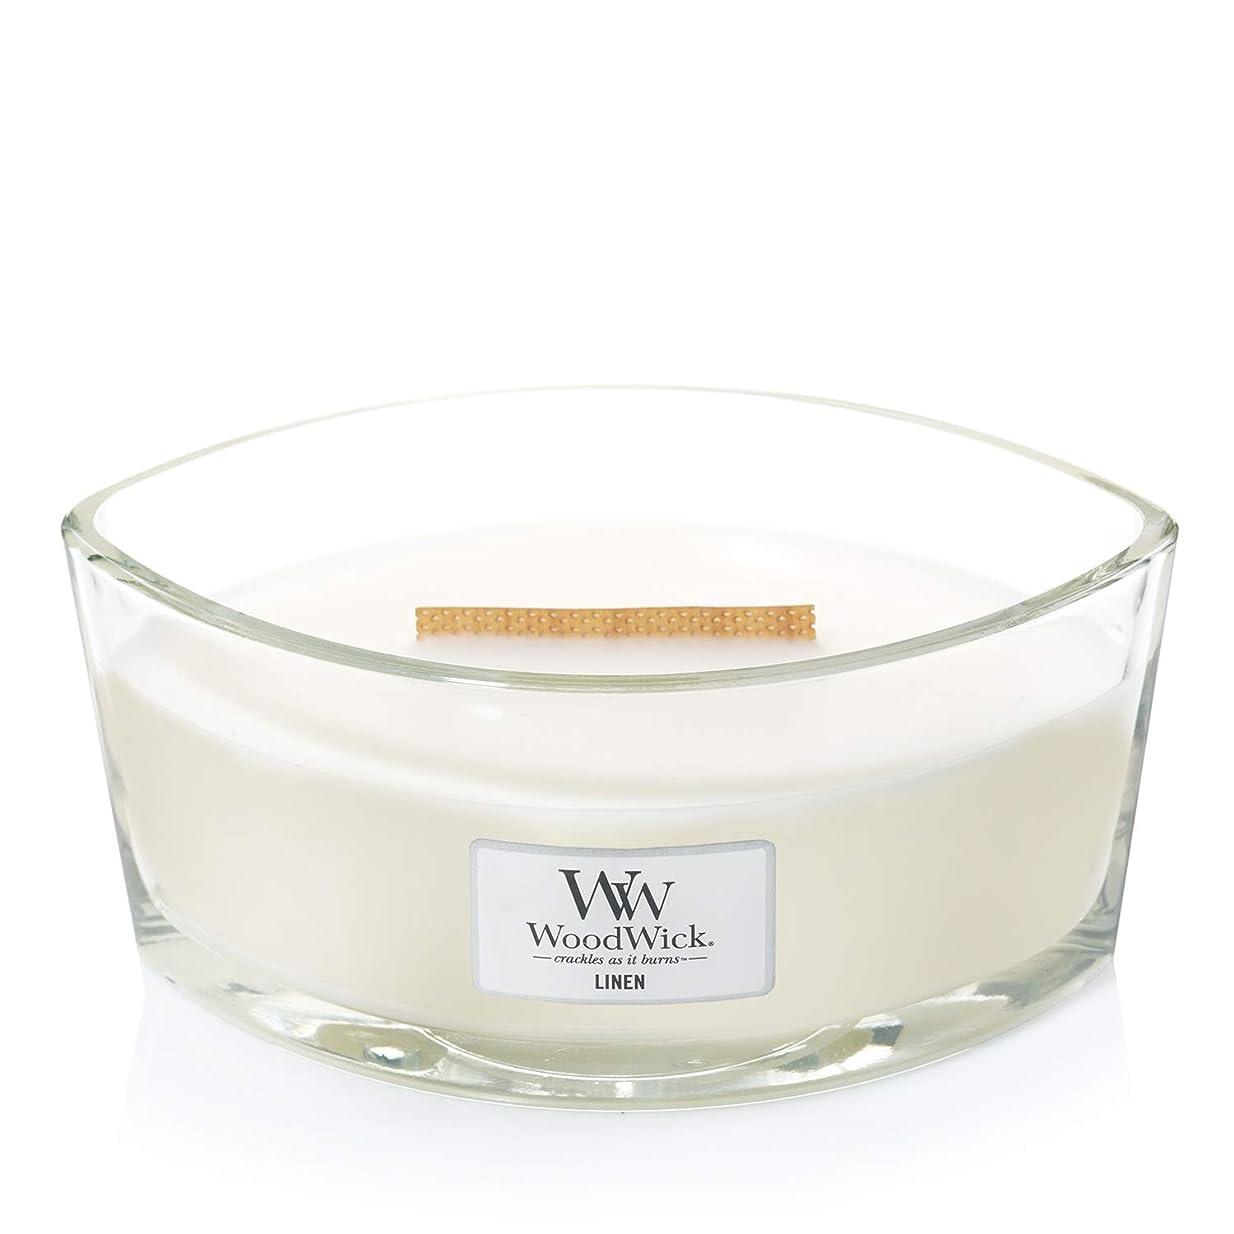 故国リール使役(11.4cm l x 19cm w x 8.8cm h) - WoodWick 76135 Linen HearthWick Candle, White